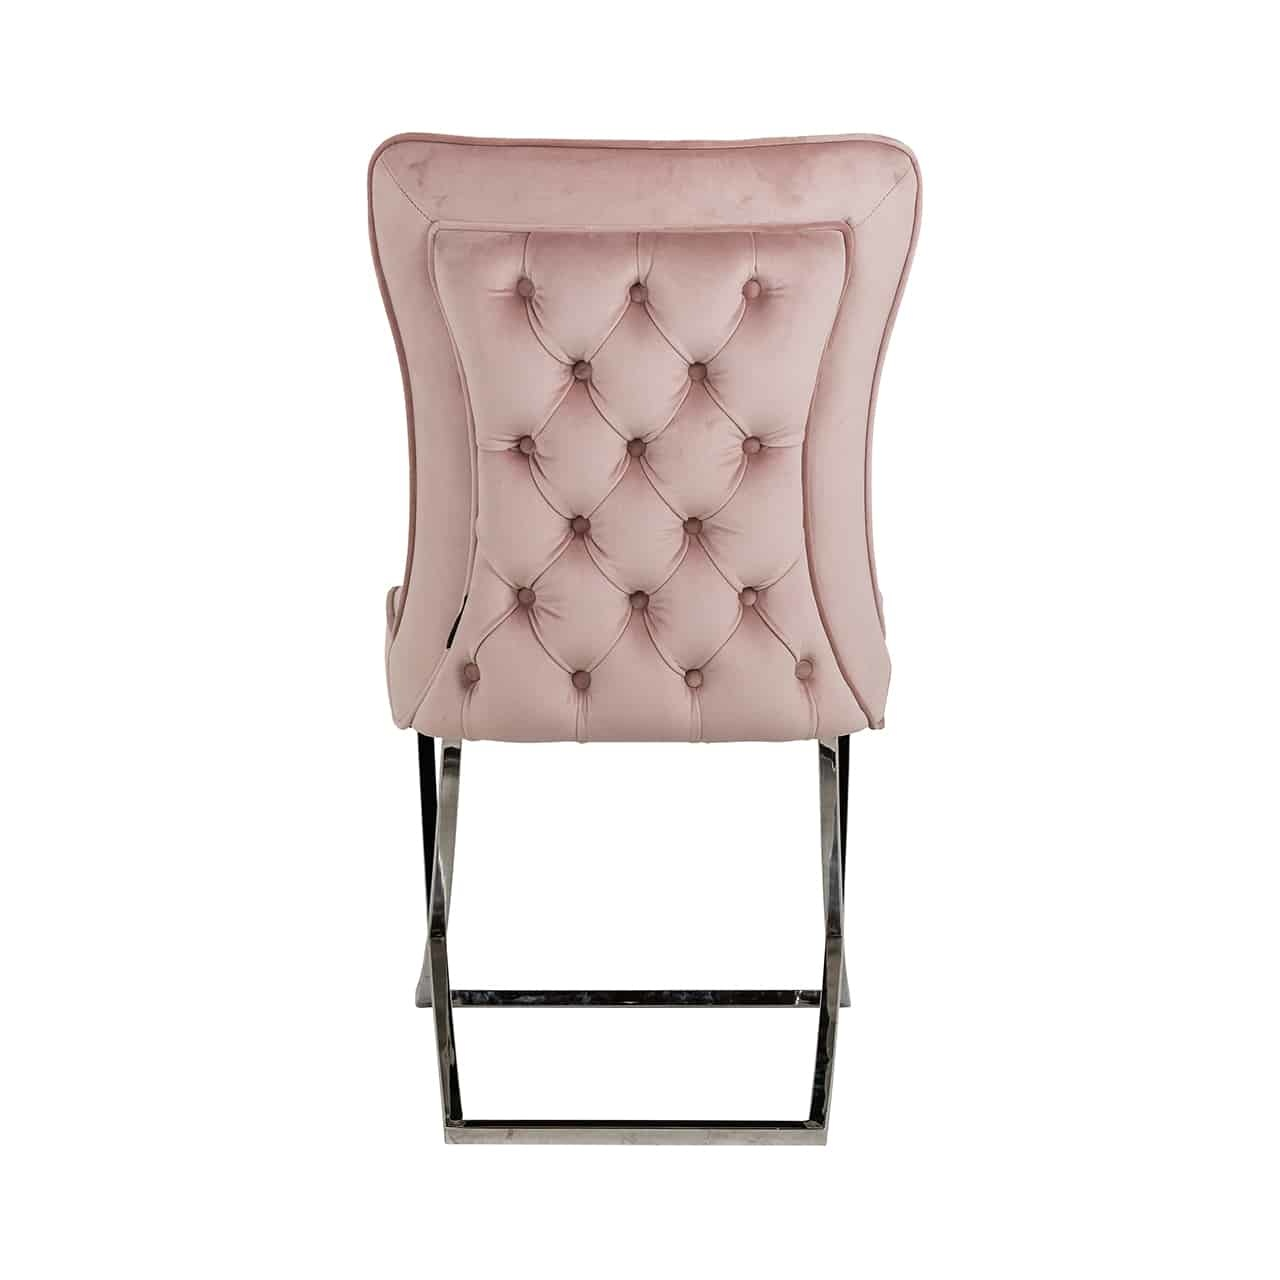 Richmond eetkamerstoel Scarlett pink roze